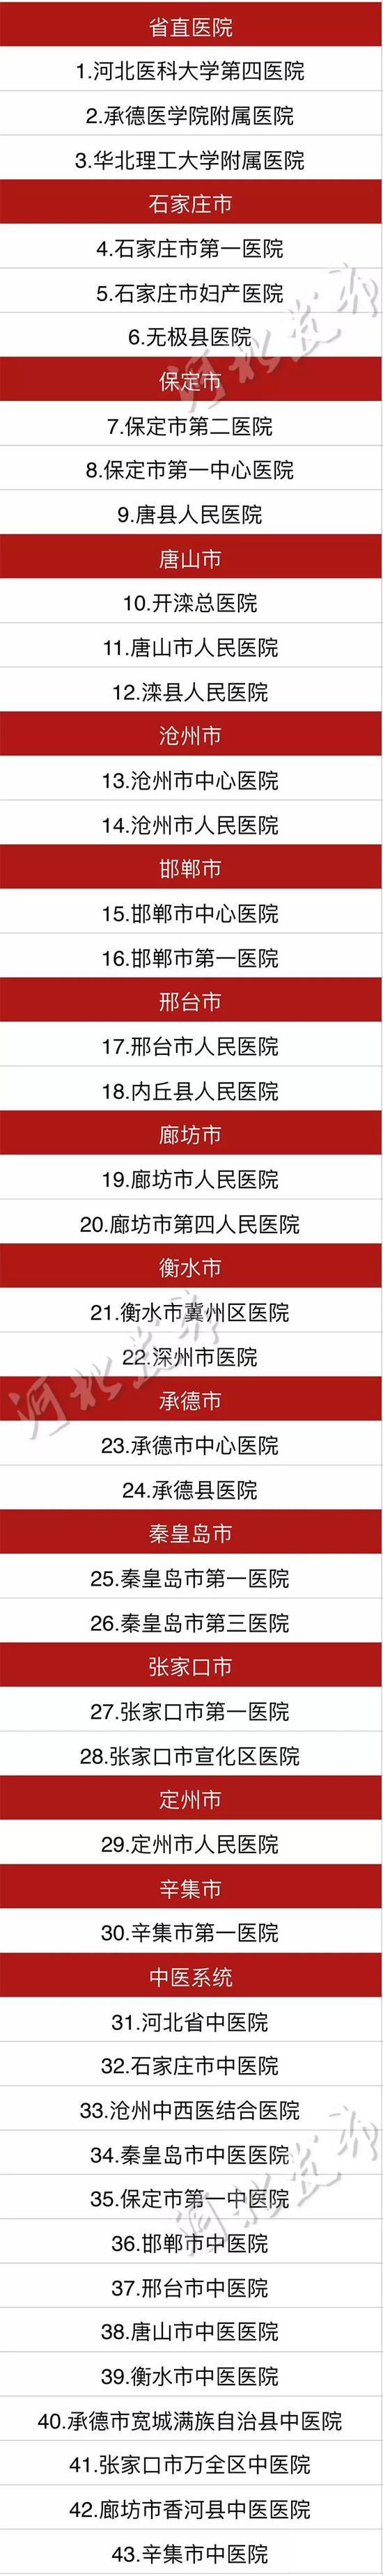 河北省护理工作先进个人(管理岗位)名单